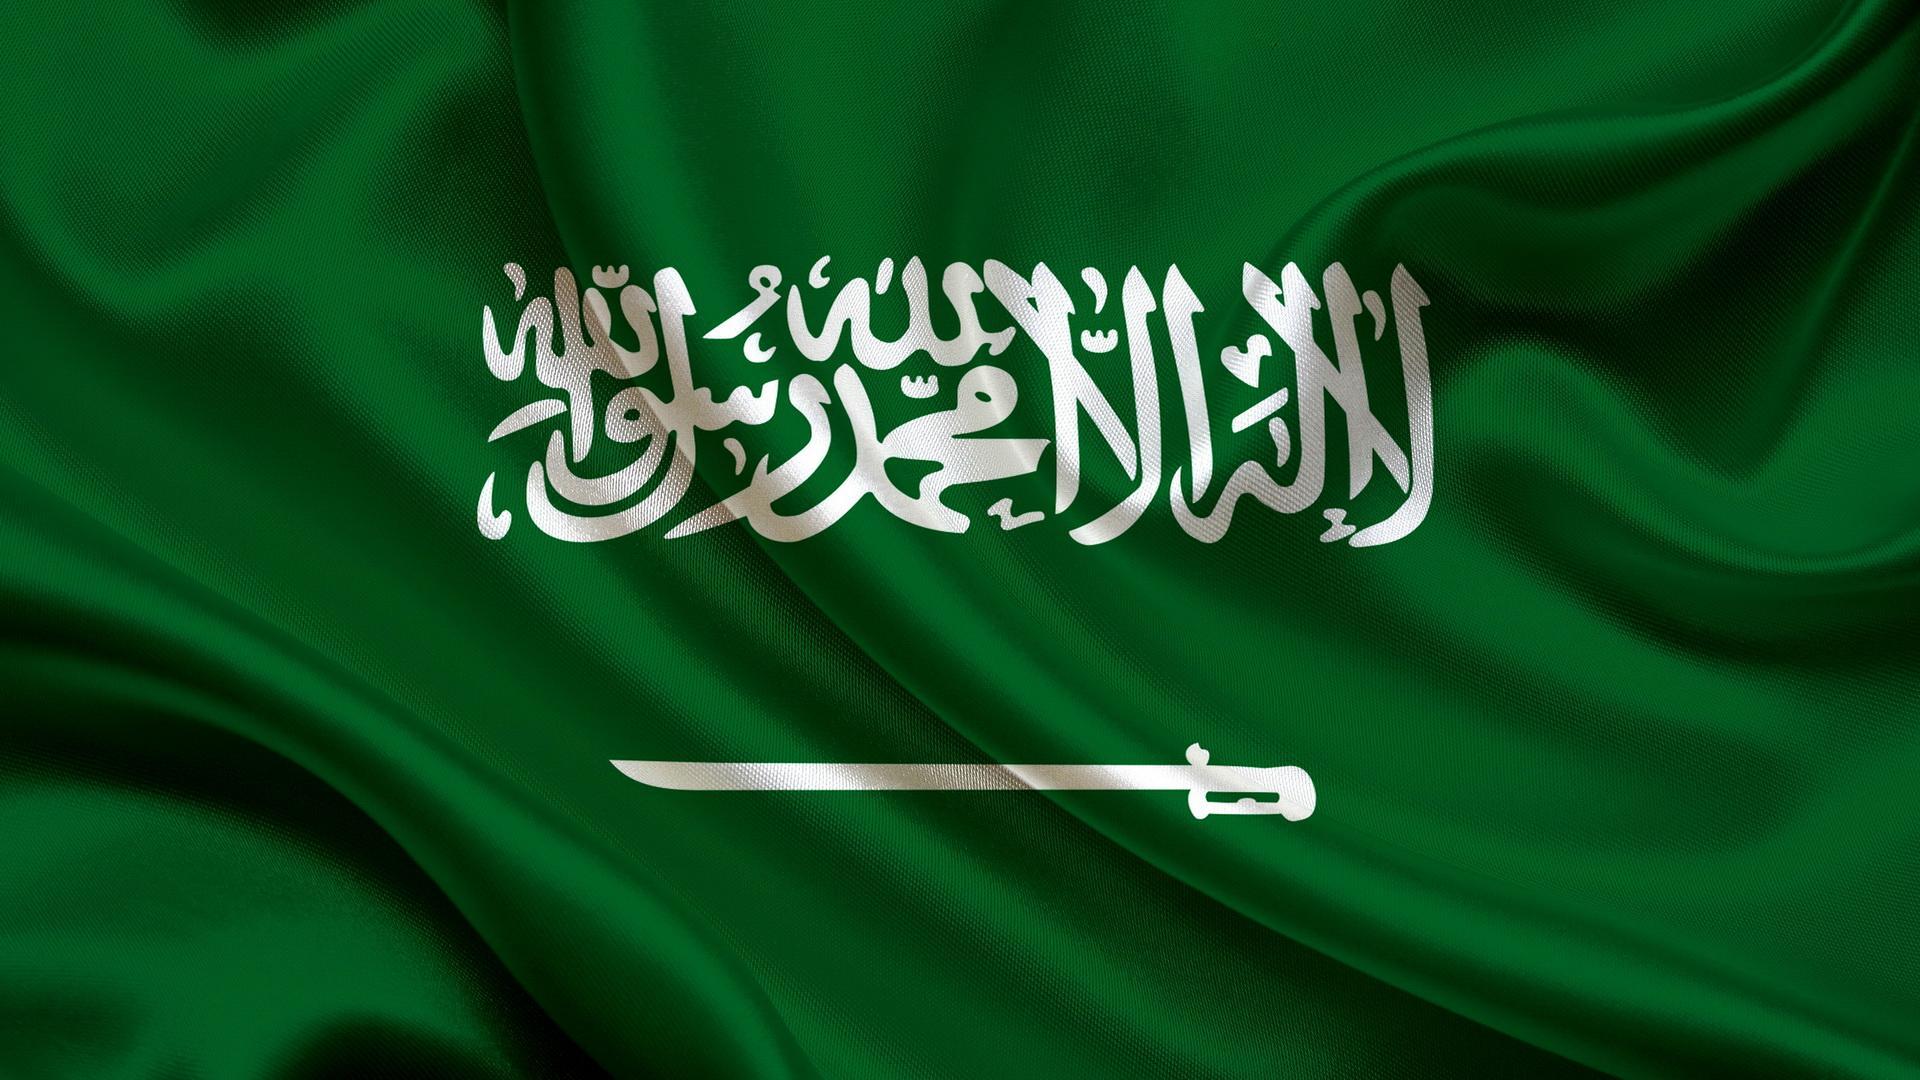 المدفعية السعودية ترد بقوة على هجوم الحوثيين على #الطايف_الان